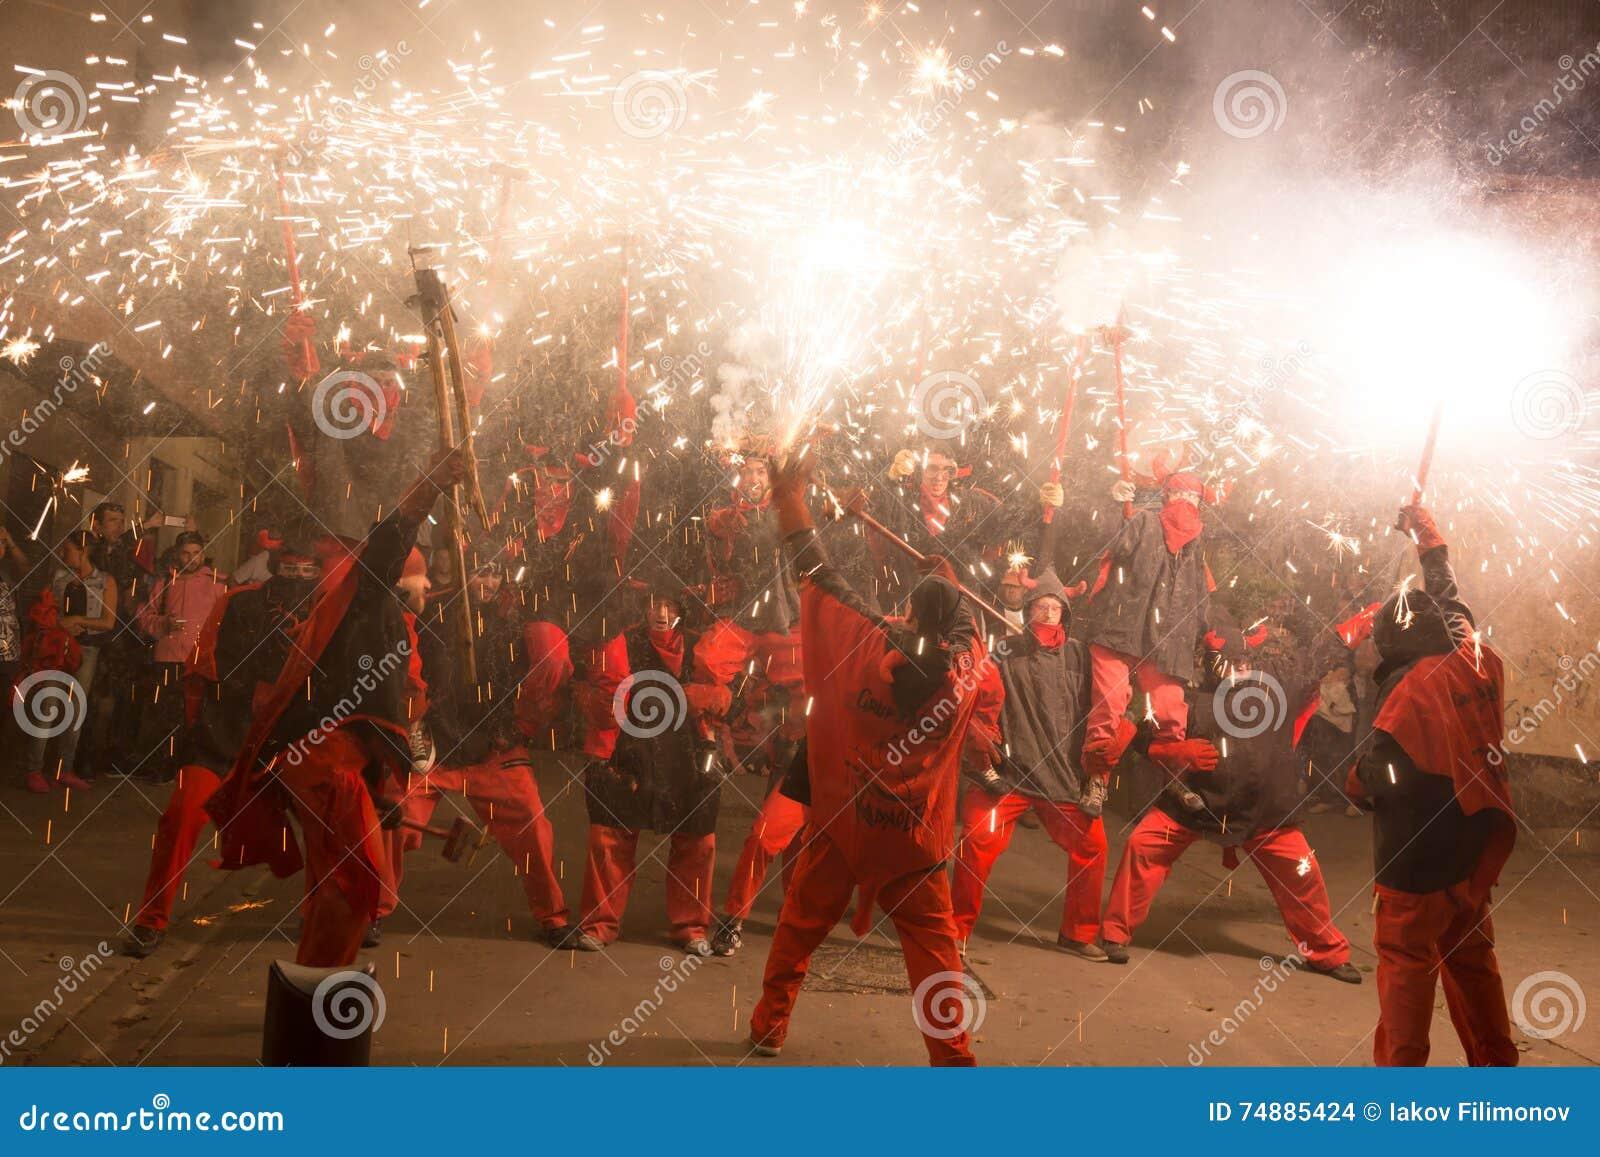 Fogos-de-artifício na festa de antonio sant